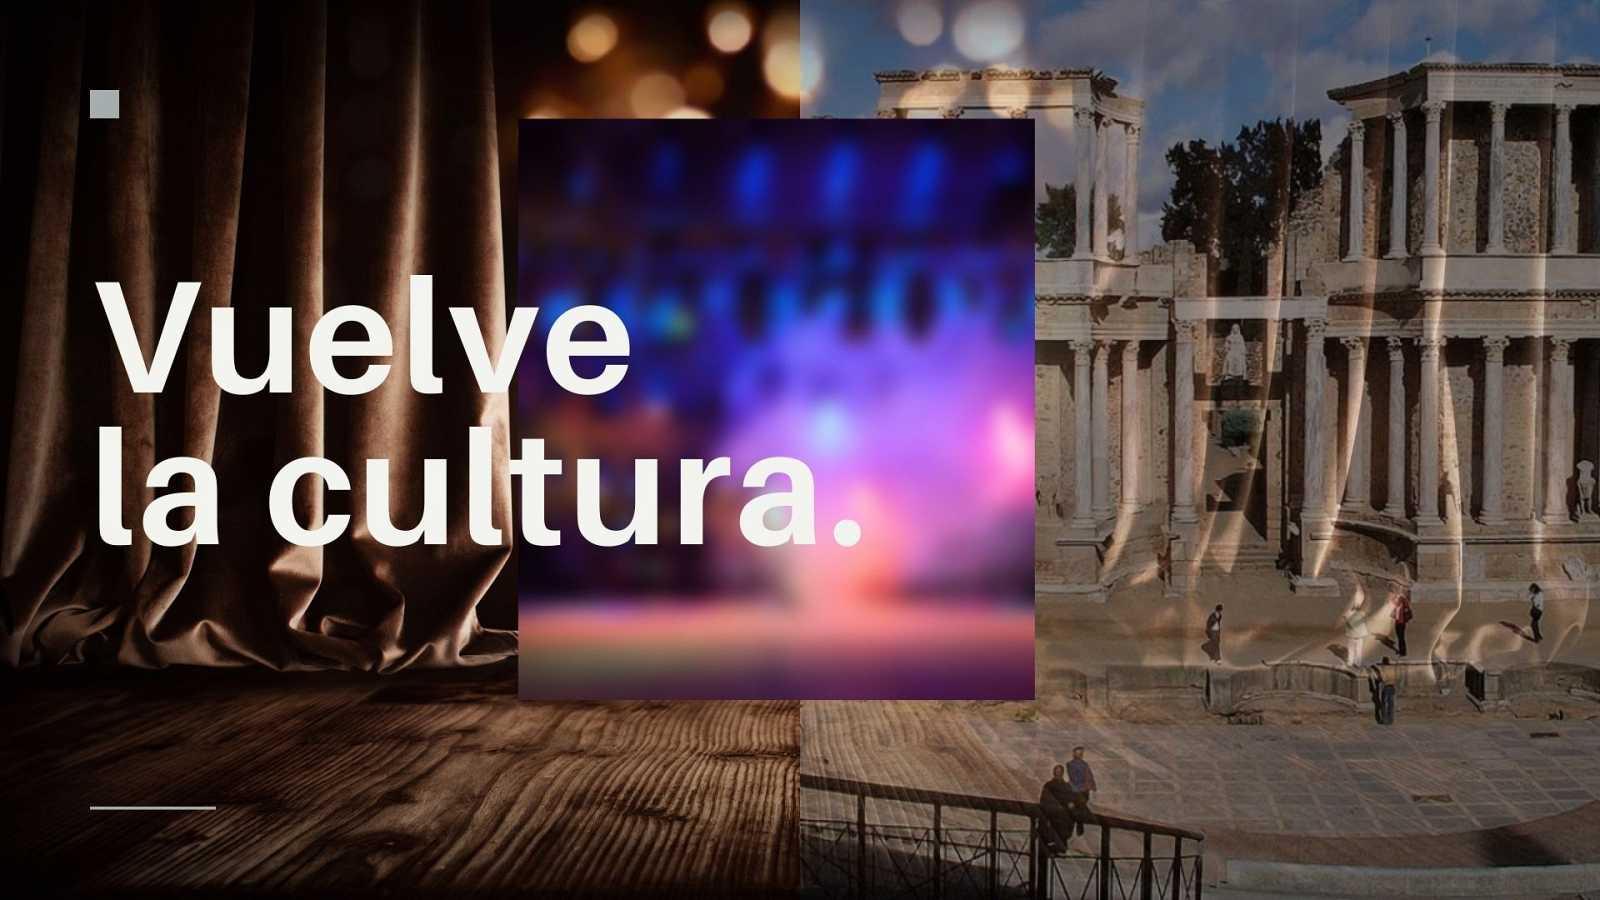 ¡Vuelve la cultura!